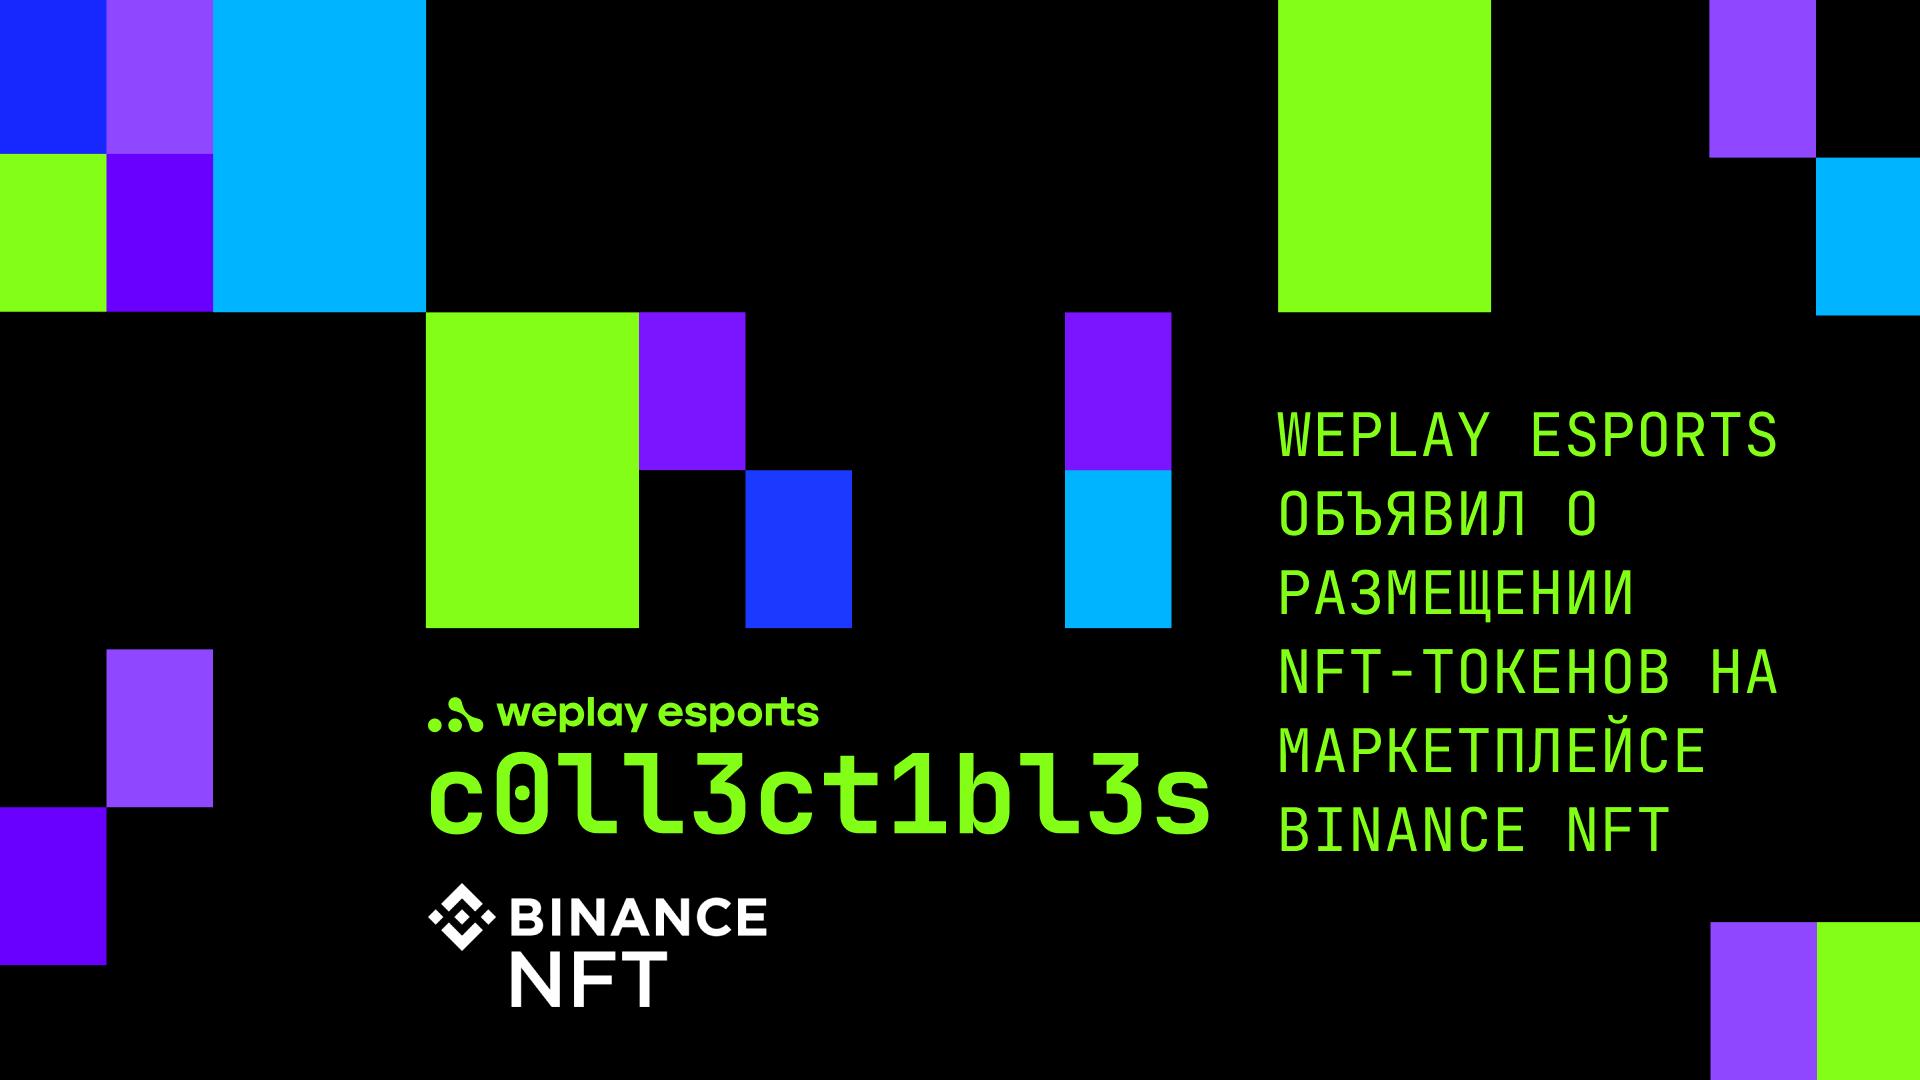 WePlay Esports объявил о размещении NFT-токенов на маркетплейсе Binance NFT. Изображение: WePlay Holding